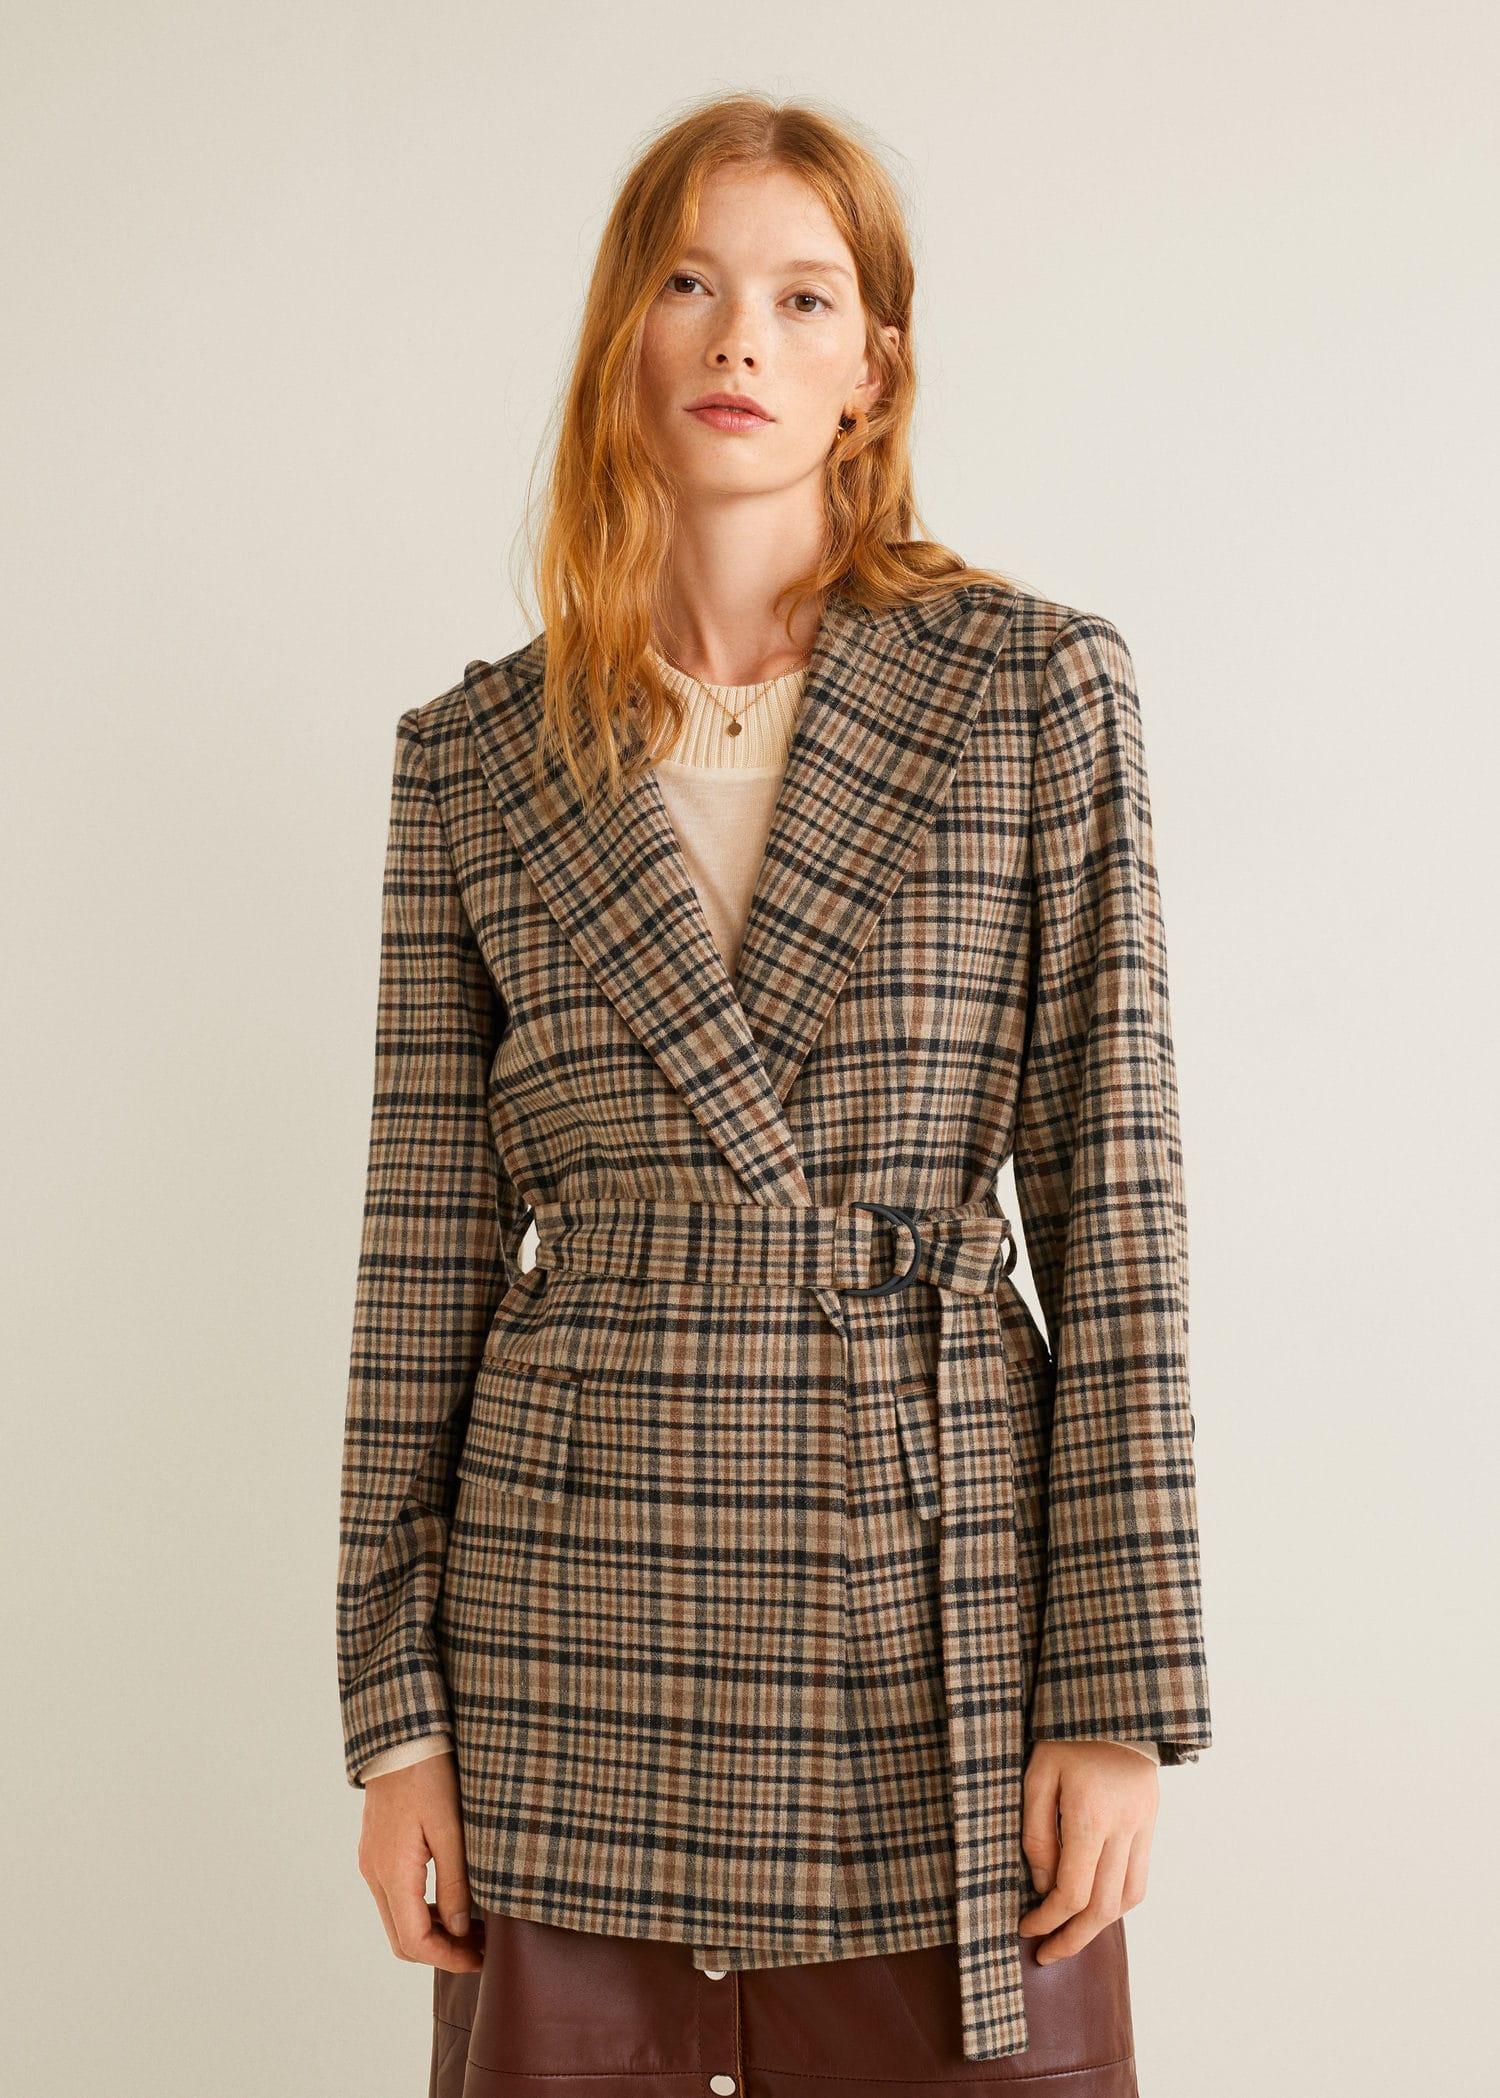 Model veste femme